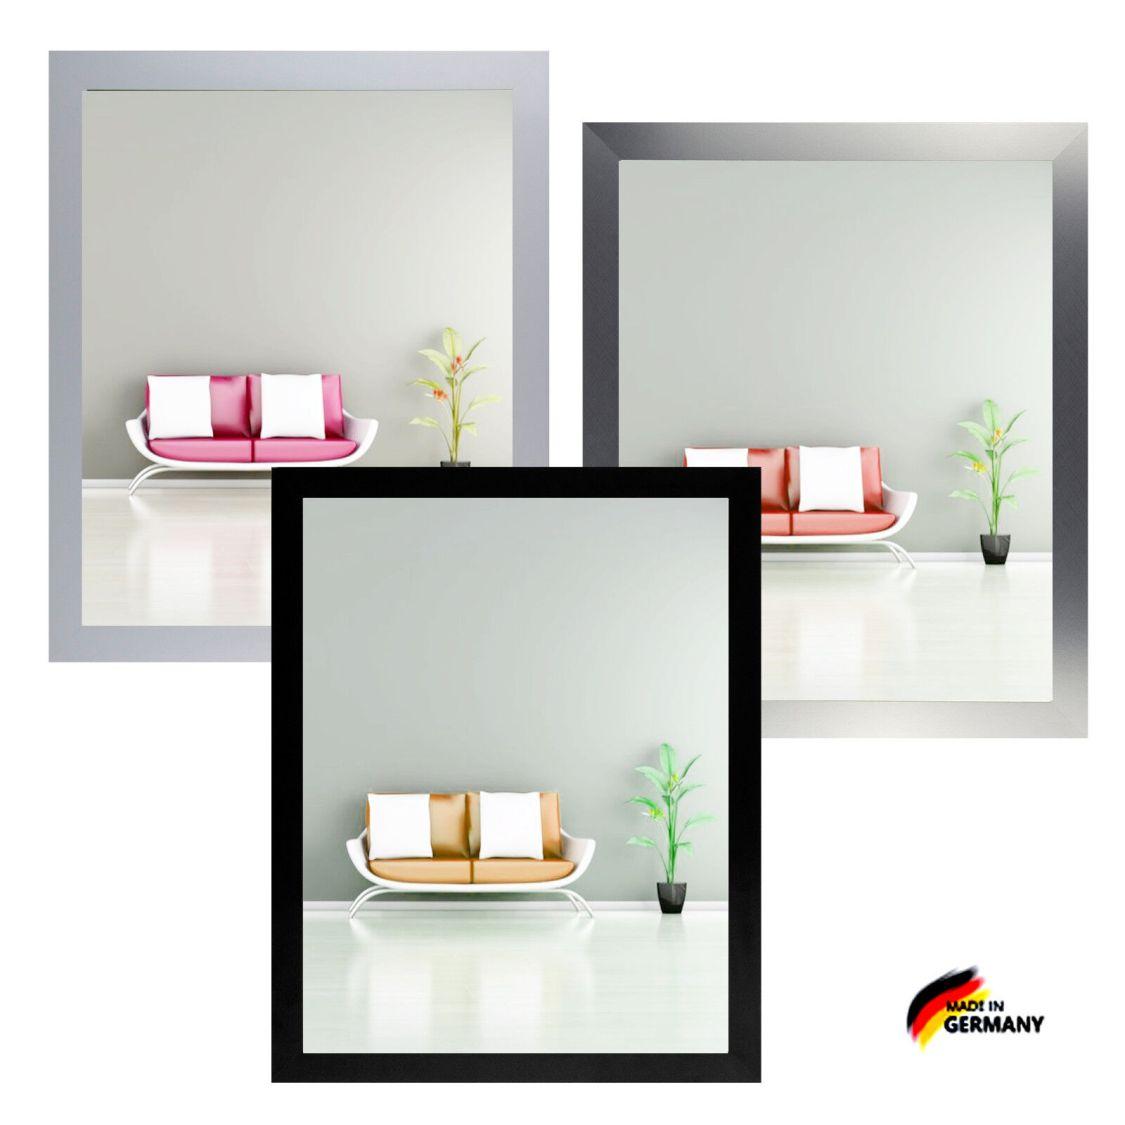 Bilderrahmen Monzetta Schwarz Weiß Silber Alu-gebürstet Holz Foto Poster Rahmen